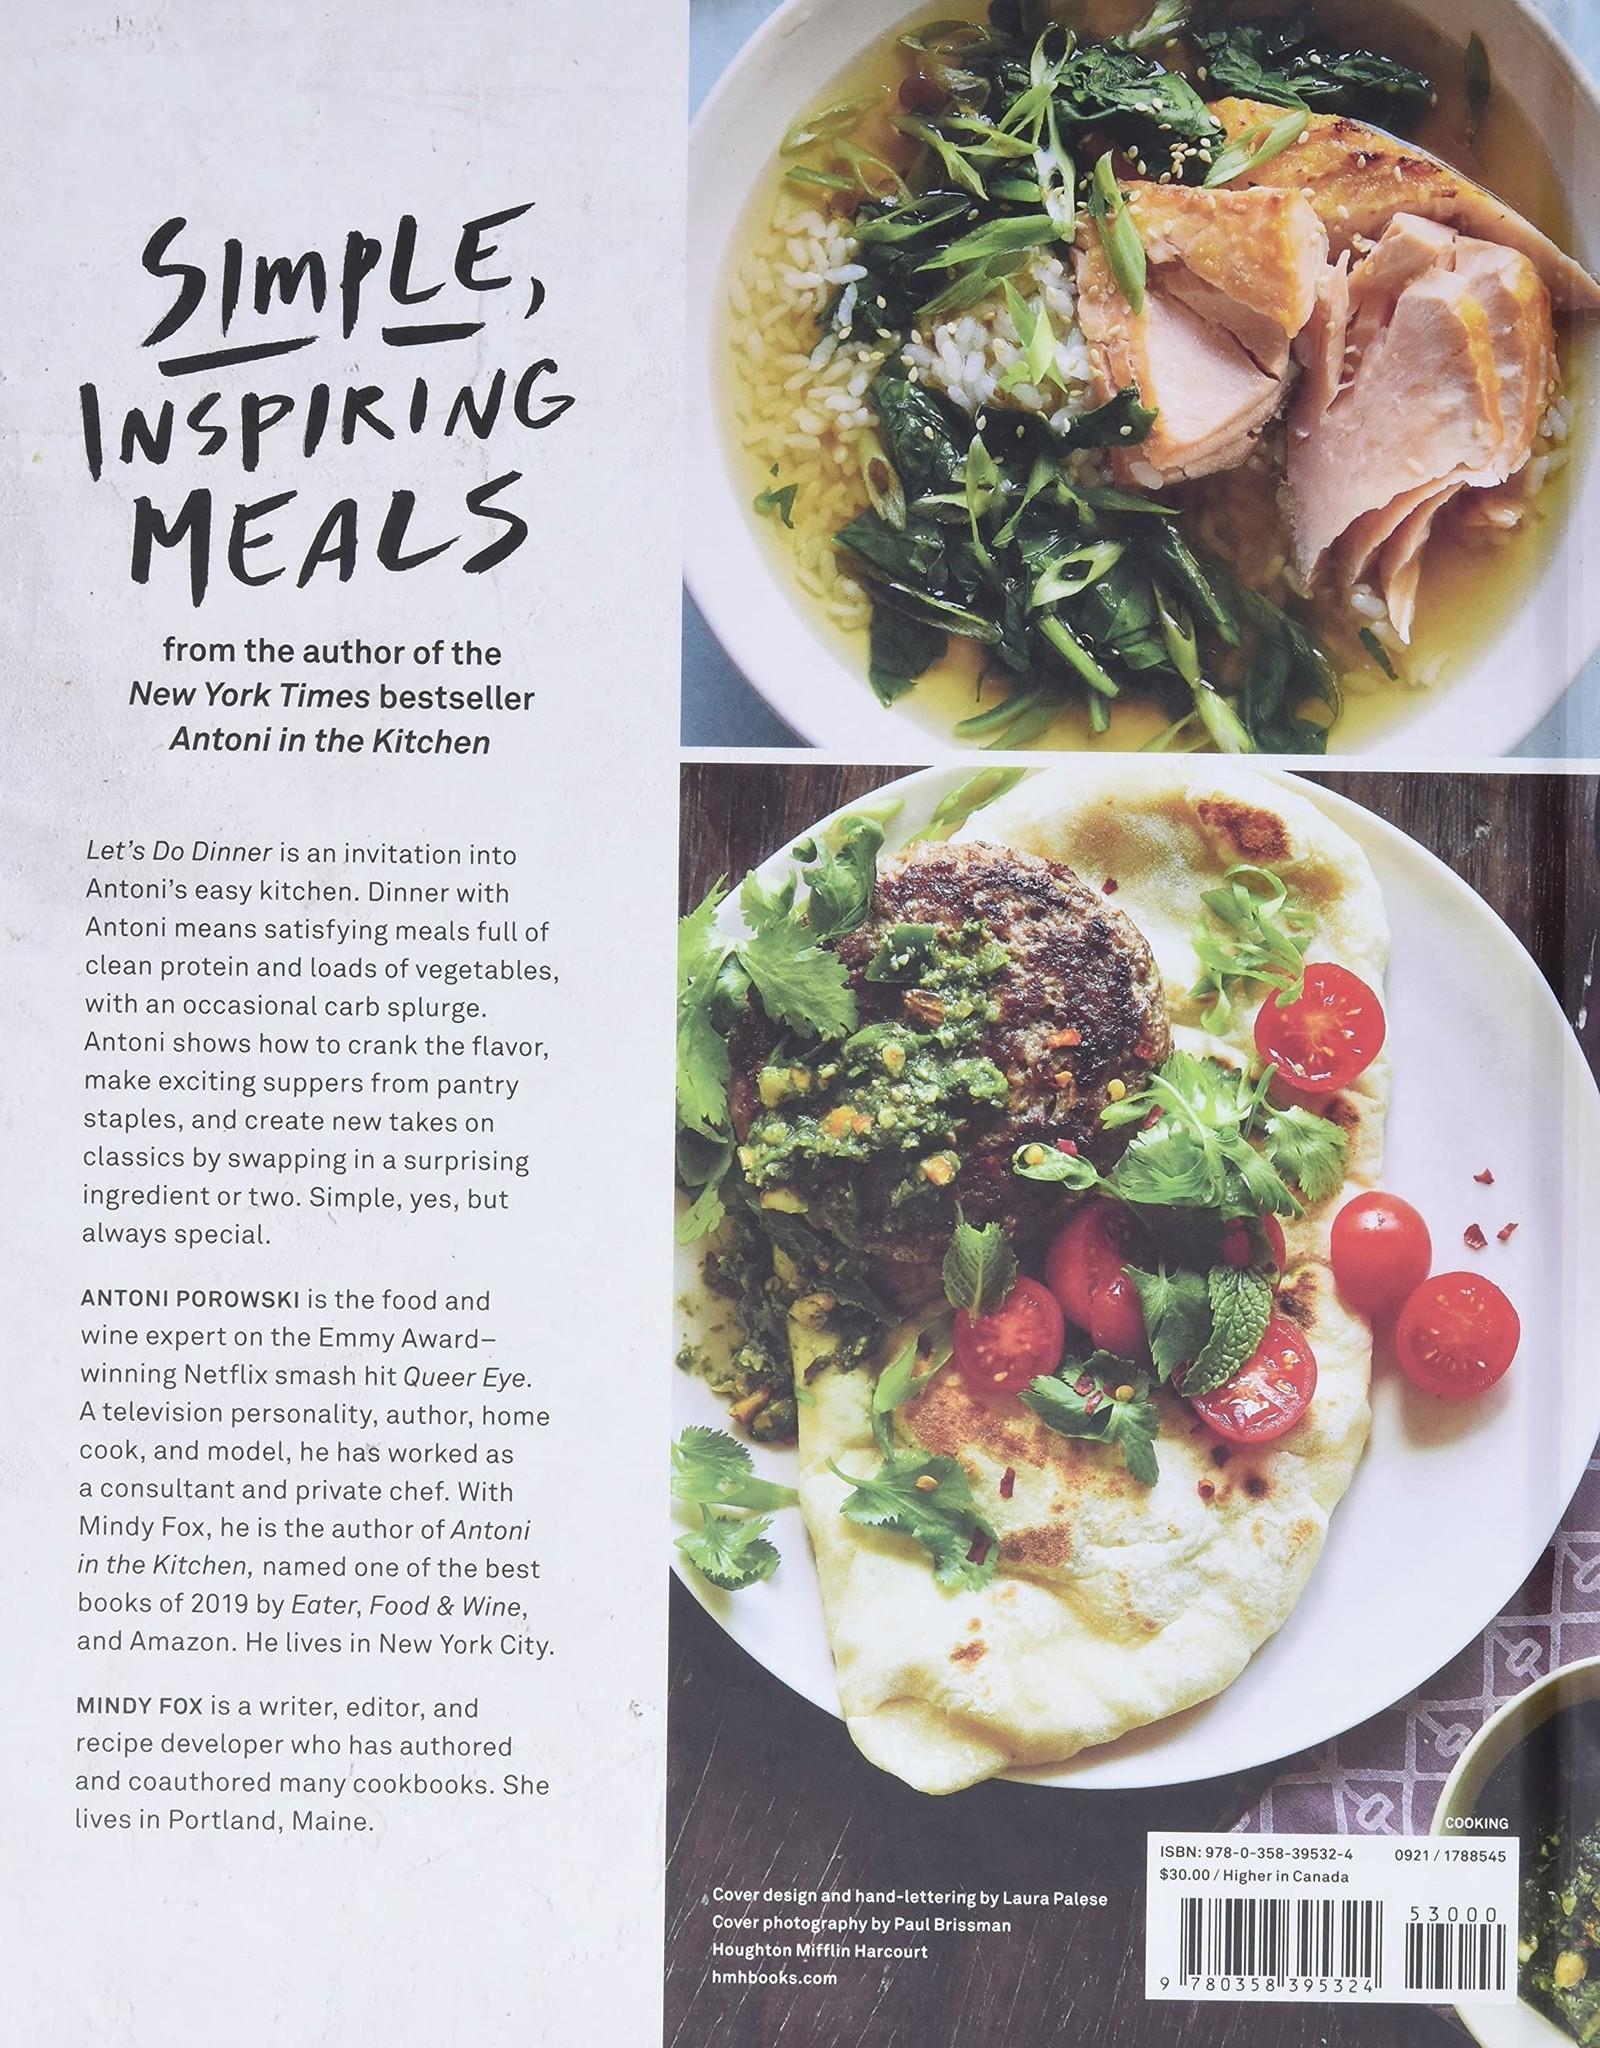 Houghton Mifflin Harcourt Antoni - Let's Do Dinner